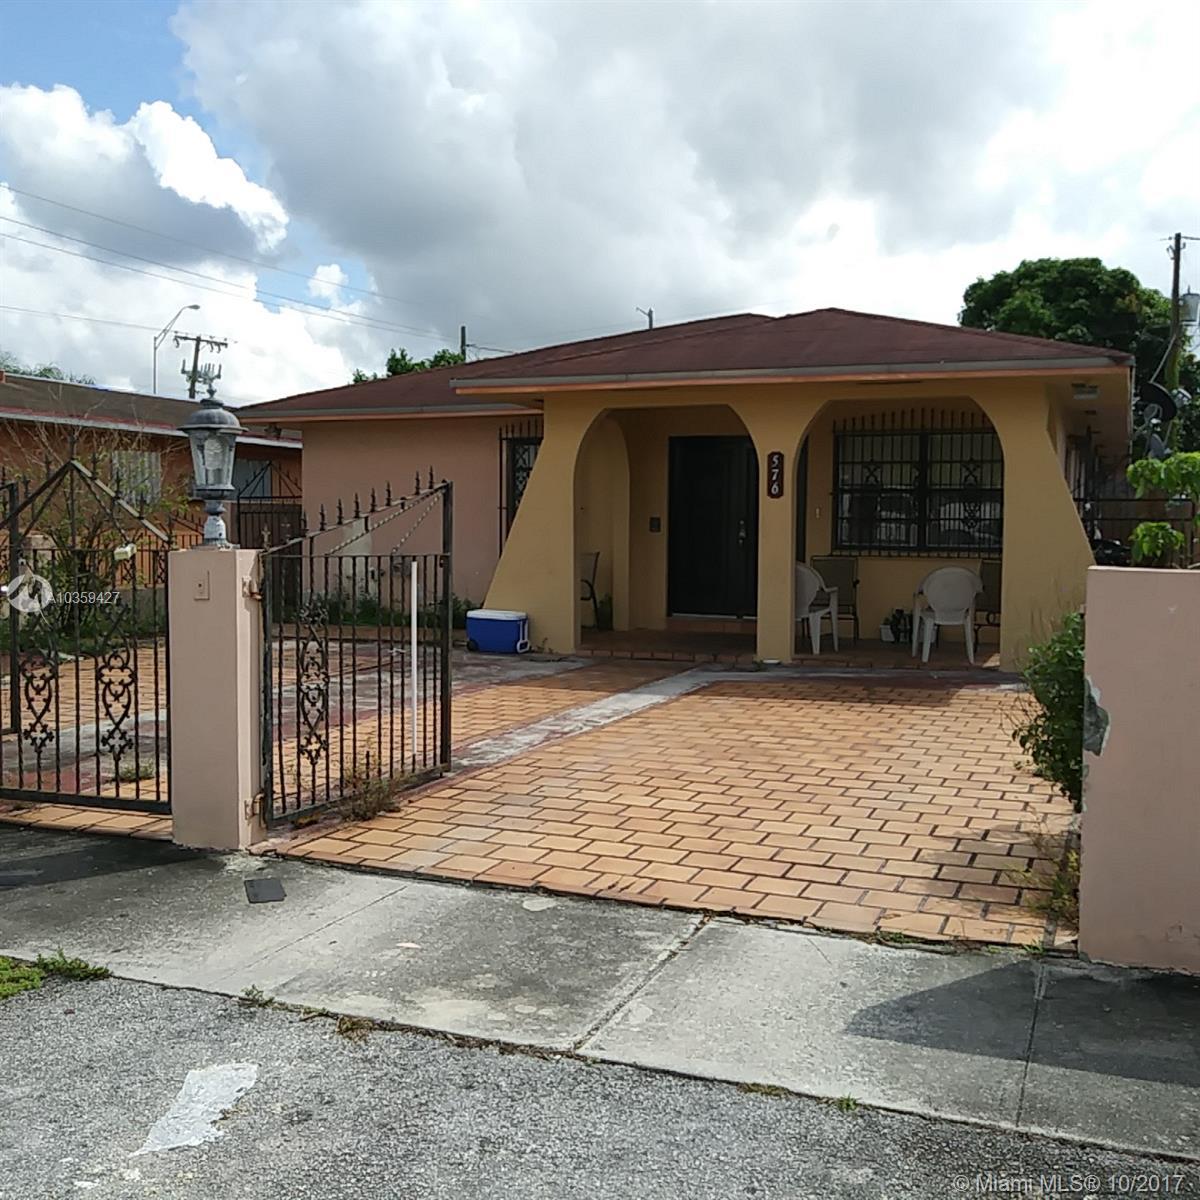 576 E 11th St  For Sale A10359427, FL